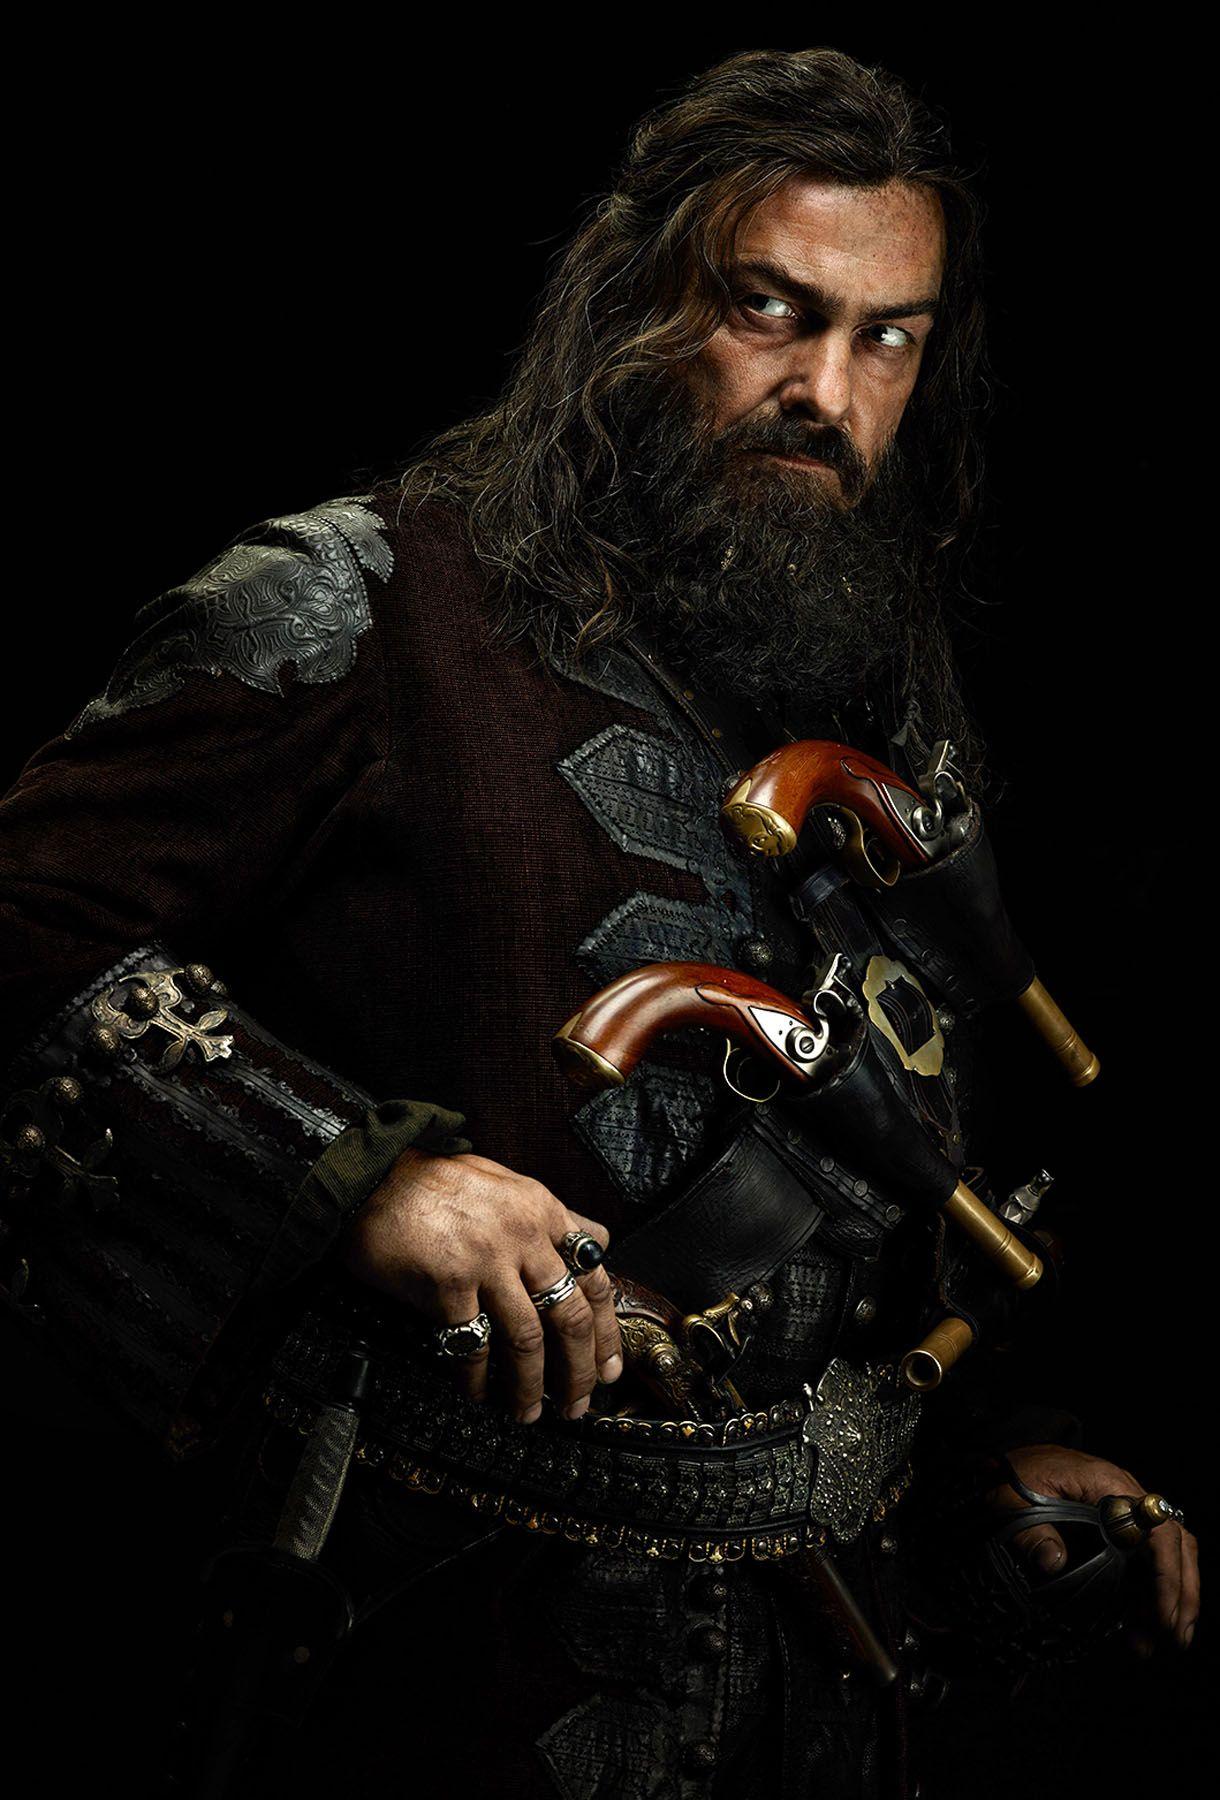 Black sails s3 pirate captain flint leather coat - Black Sails